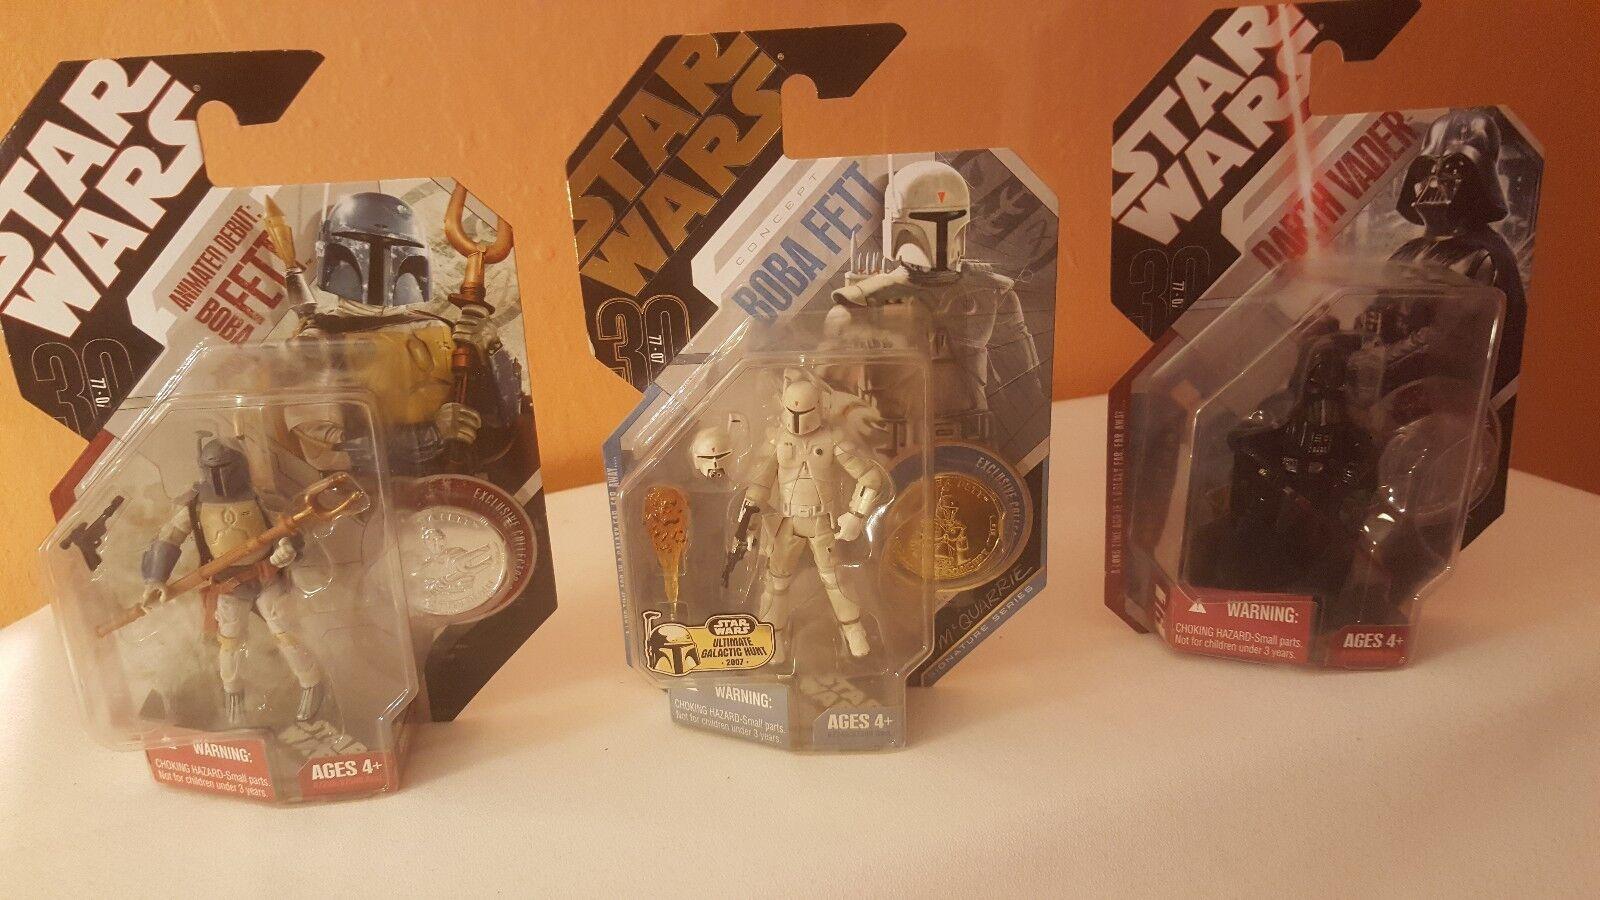 Star Wars - Concept Boba Fett, Darth Vader, and Animated Debut Boba Fett